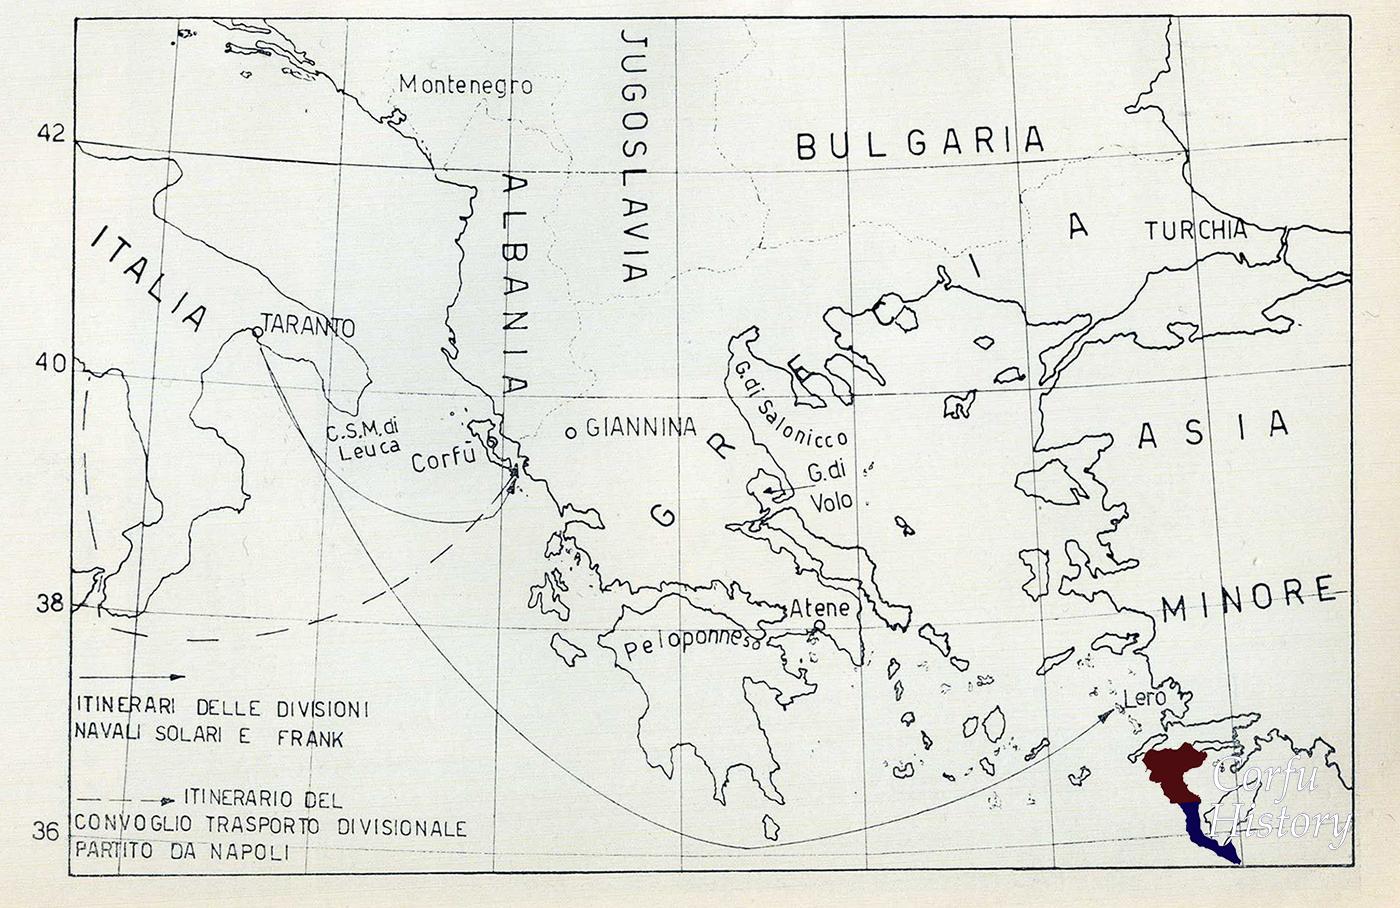 Οι διαδρομές των δύο Ομάδων του Ιταλικού Ναυτικού, μαζί με την διαδρομή της νηοπομπής μεταγωγικών από την Νάπολη που μετέφεραν το κύριο όγκο της μεραρχίας κατοχής.